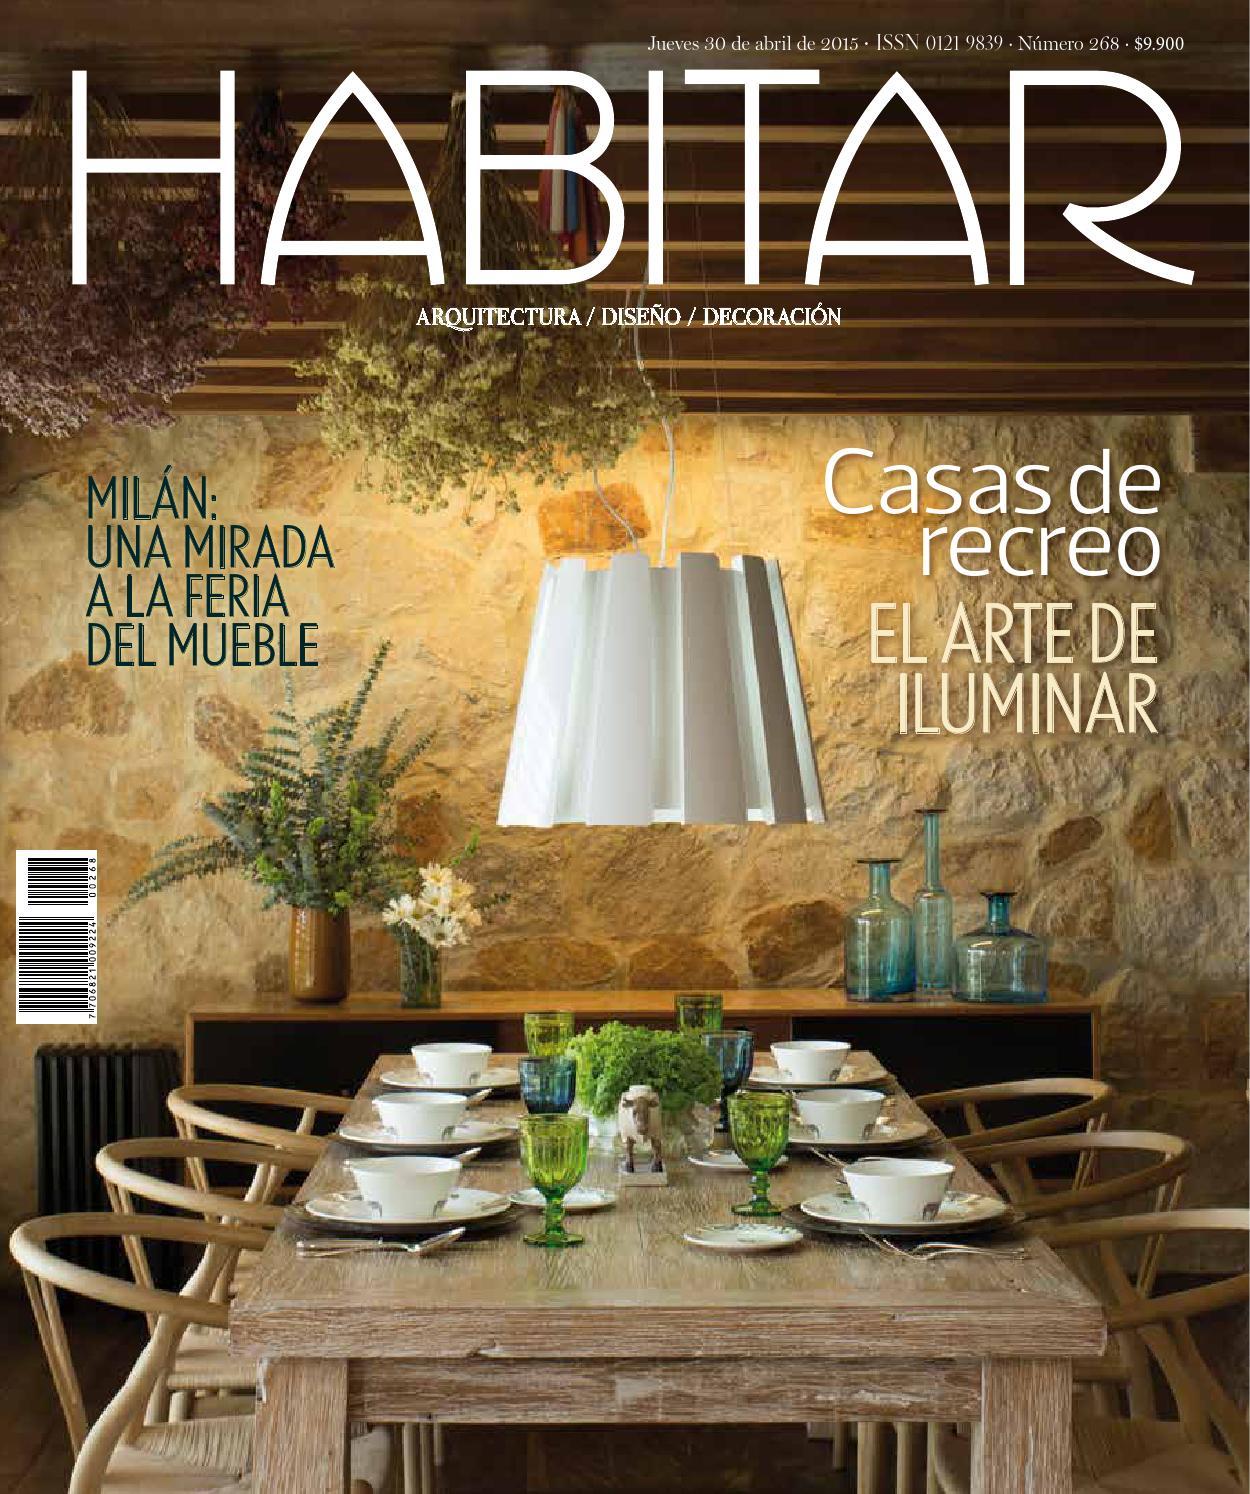 Habitar 268 by revista metrocuadrado issuu Arquitectura decoracion de interiores